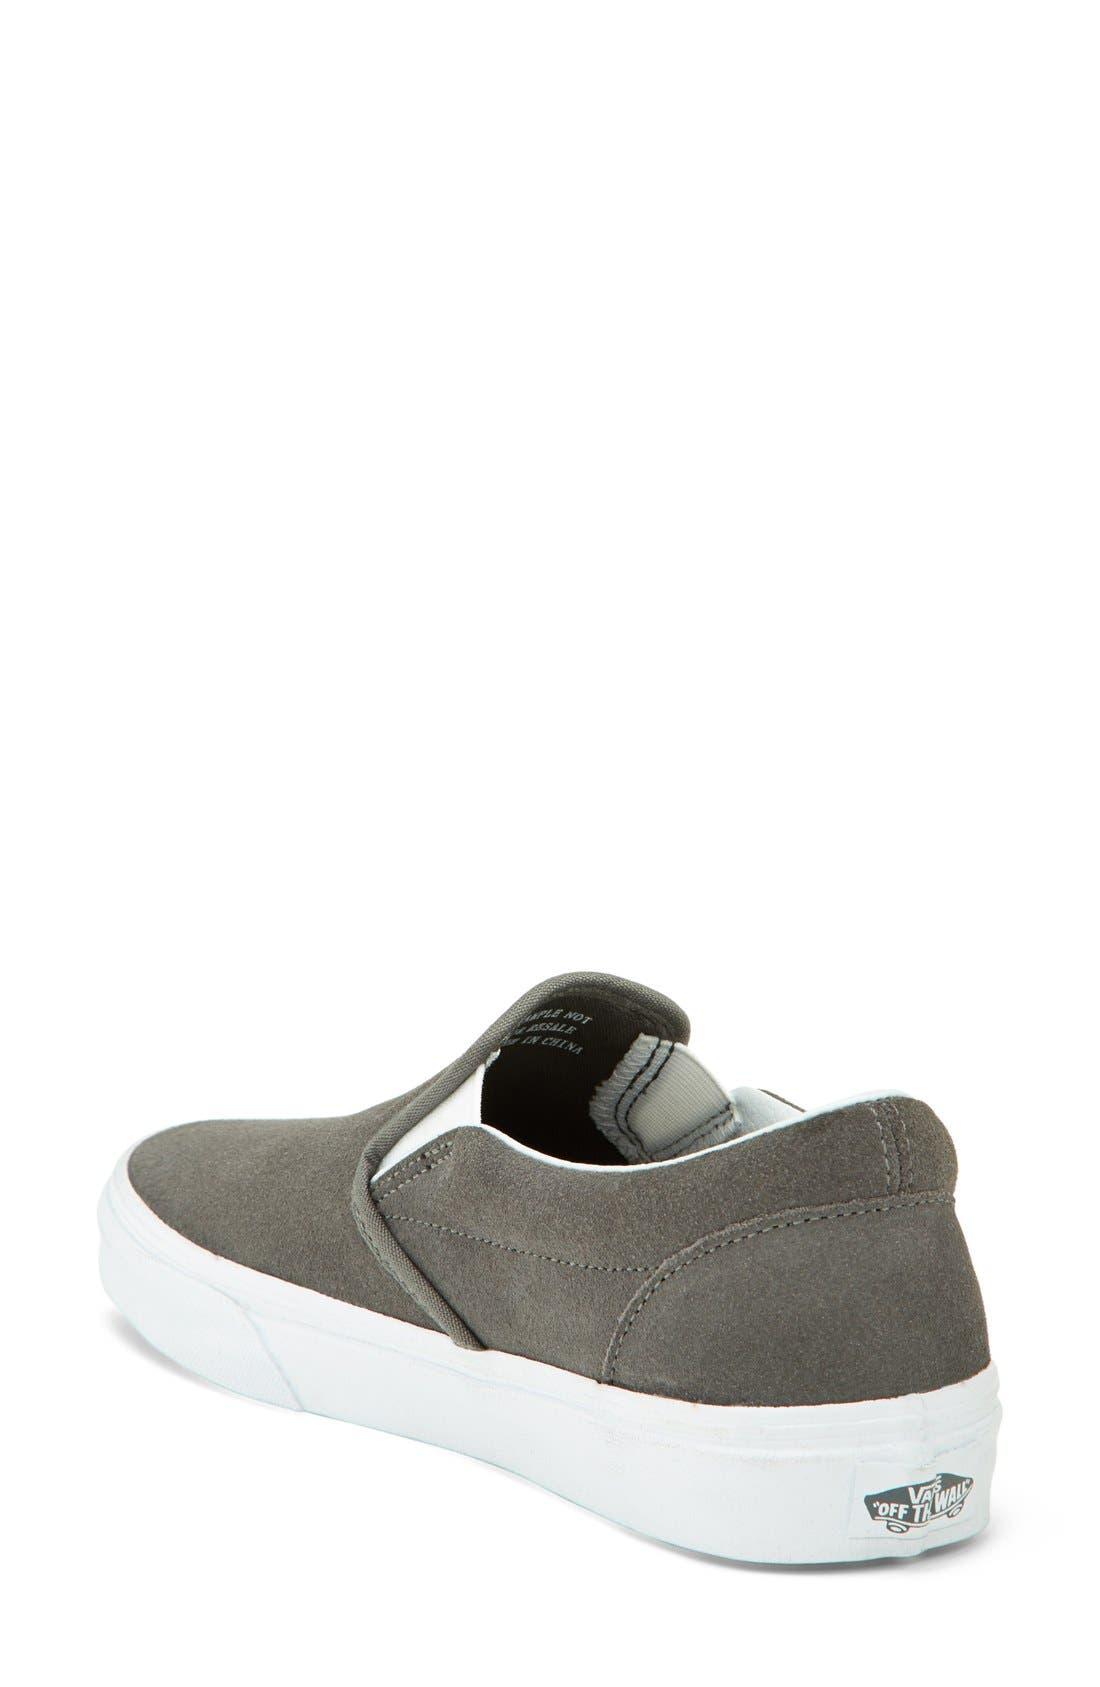 VANS,                             Suede Slip-On Sneaker,                             Alternate thumbnail 3, color,                             020